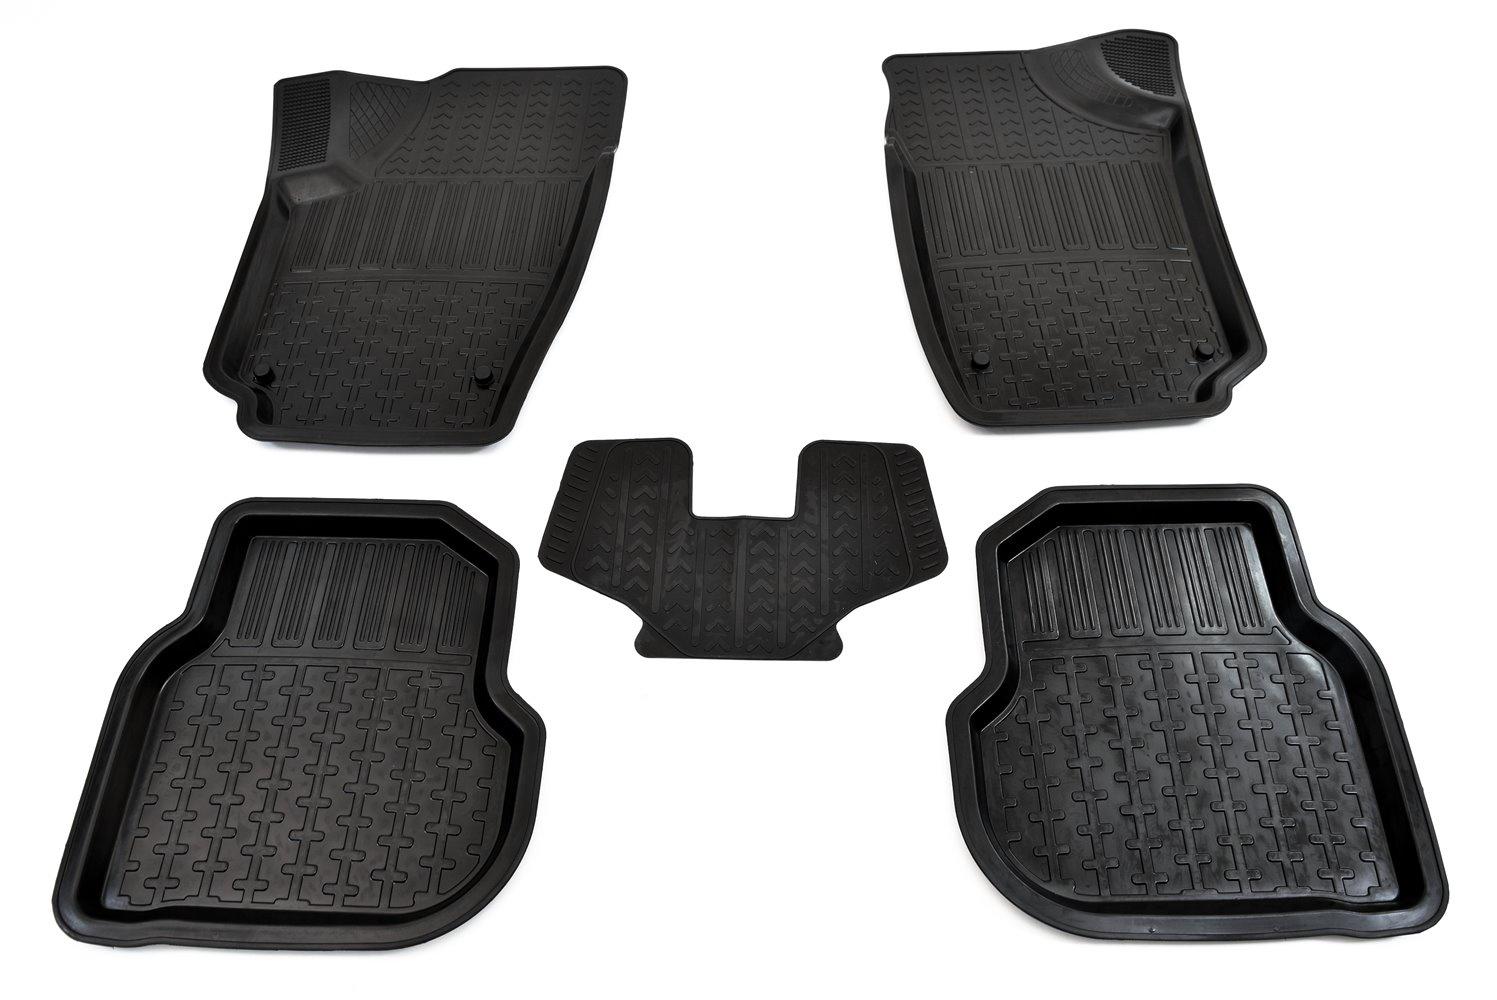 цена на Коврики в салон автомобиля Avtodriver, для Volkswagen Polo, 2009-, ADRPRO011, резиновые, с бортиком, черный